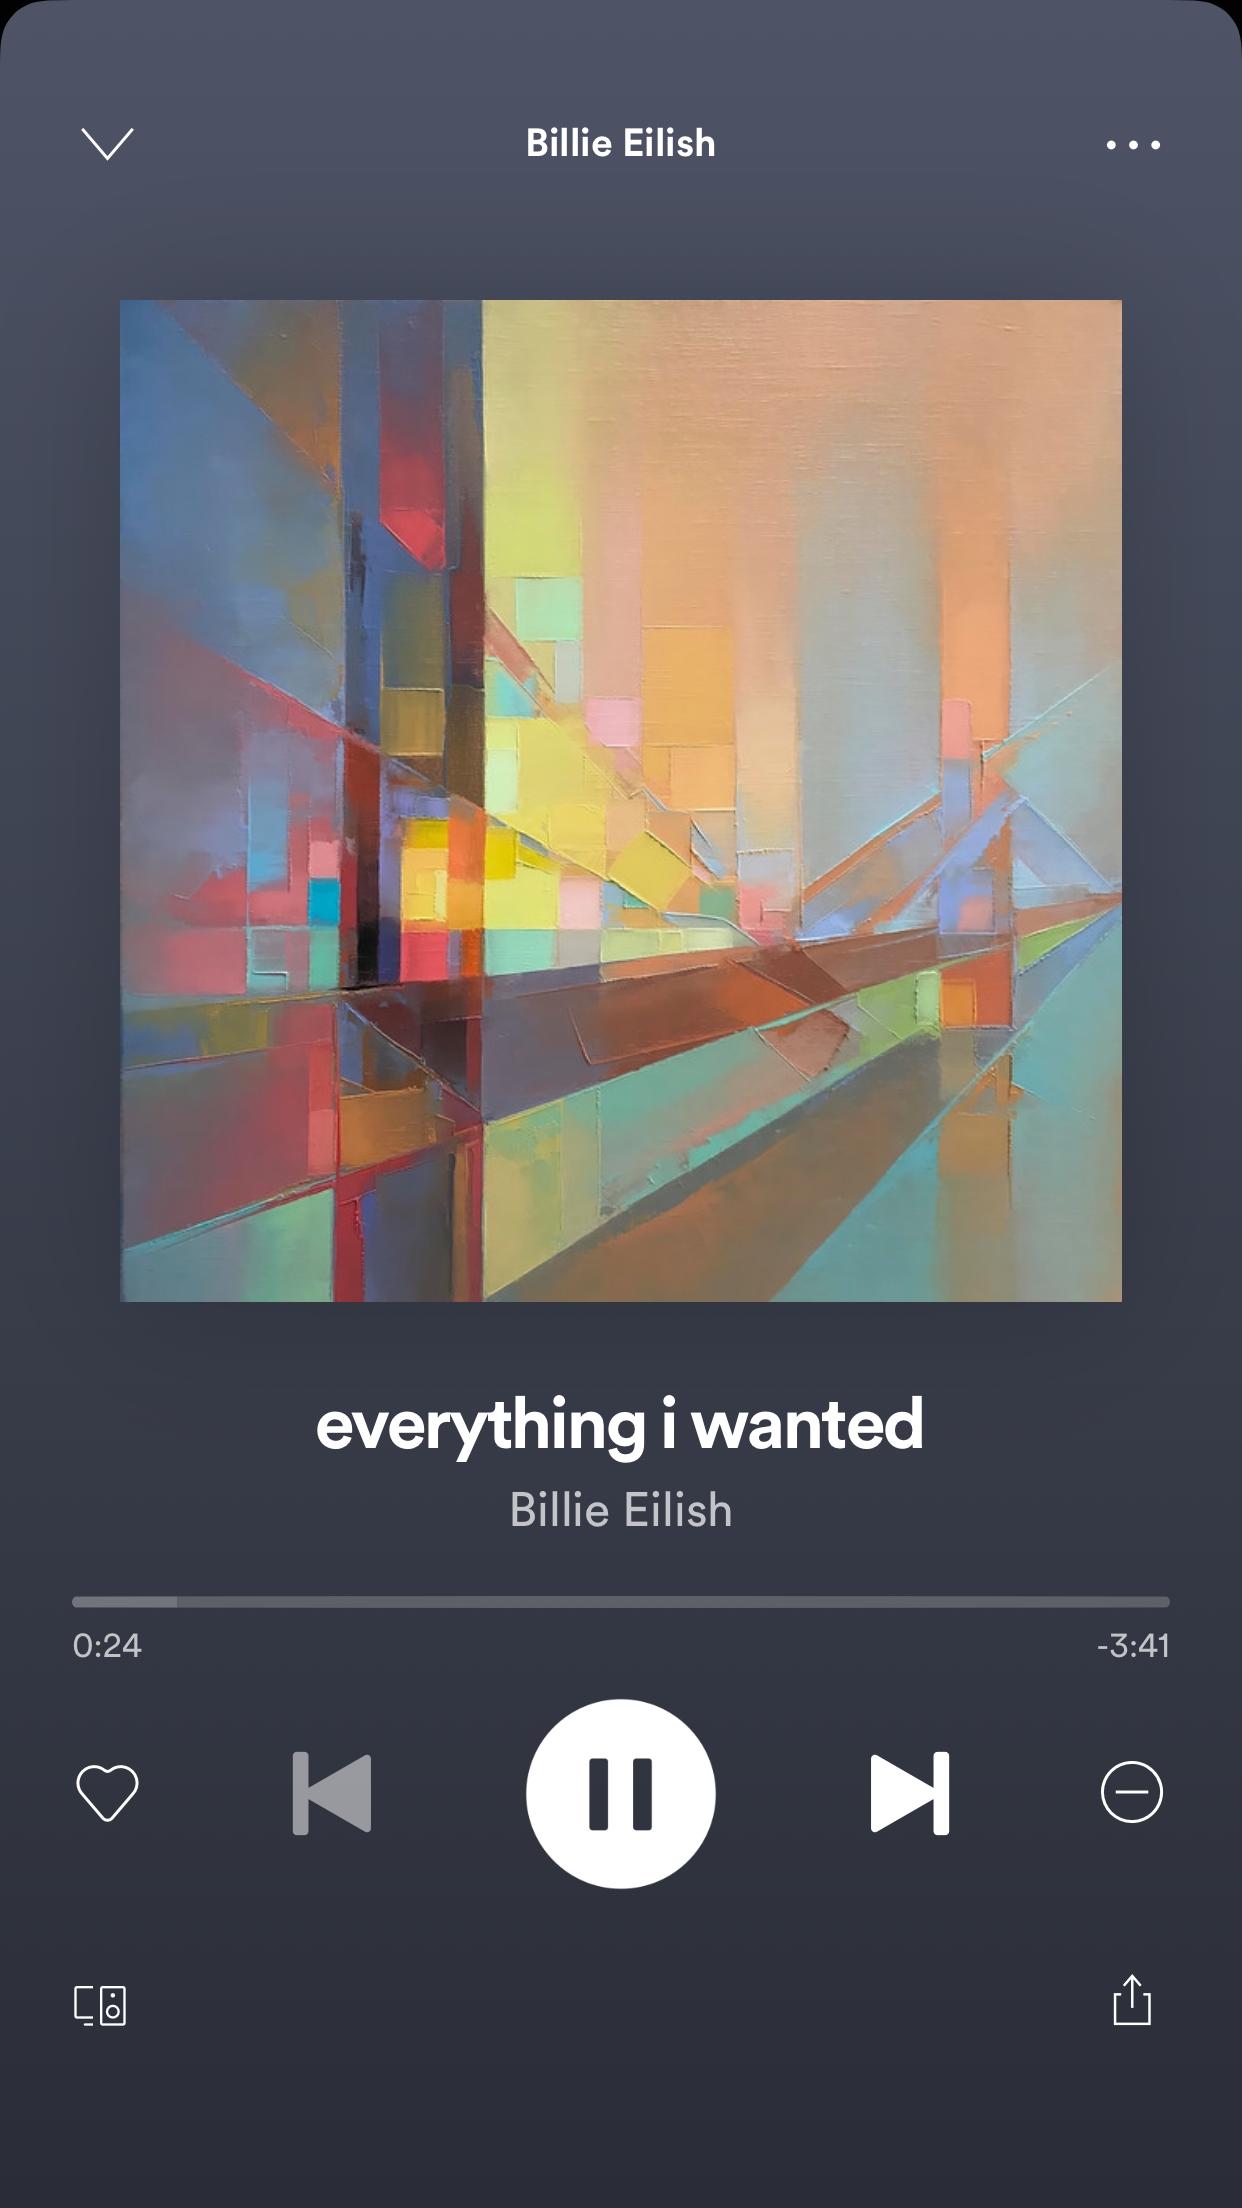 #everythingiwanted #billieeilish #billie #eilish #song # ...